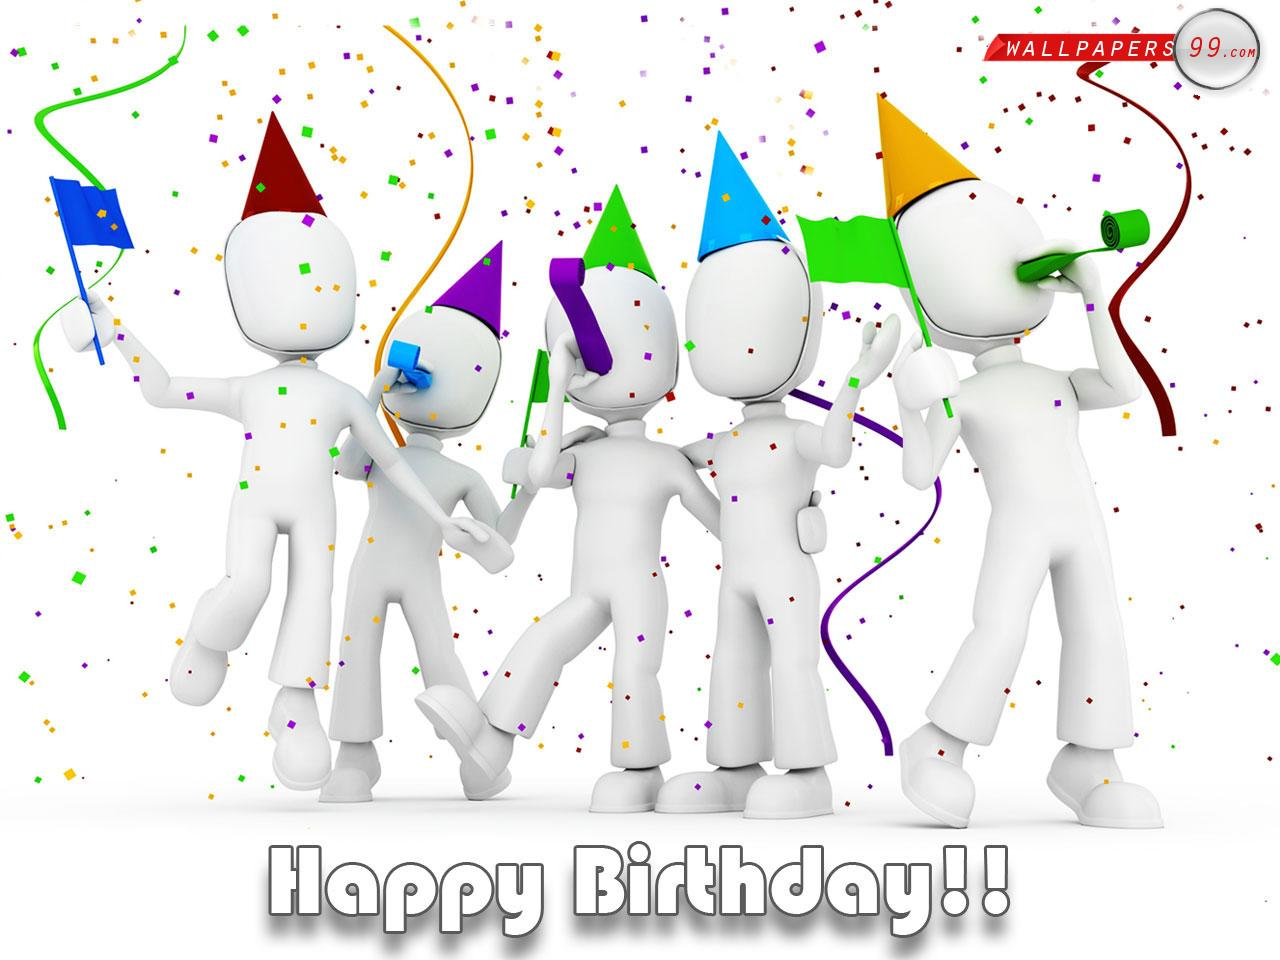 Прикольные поздравления с днем рождения начальнику 99